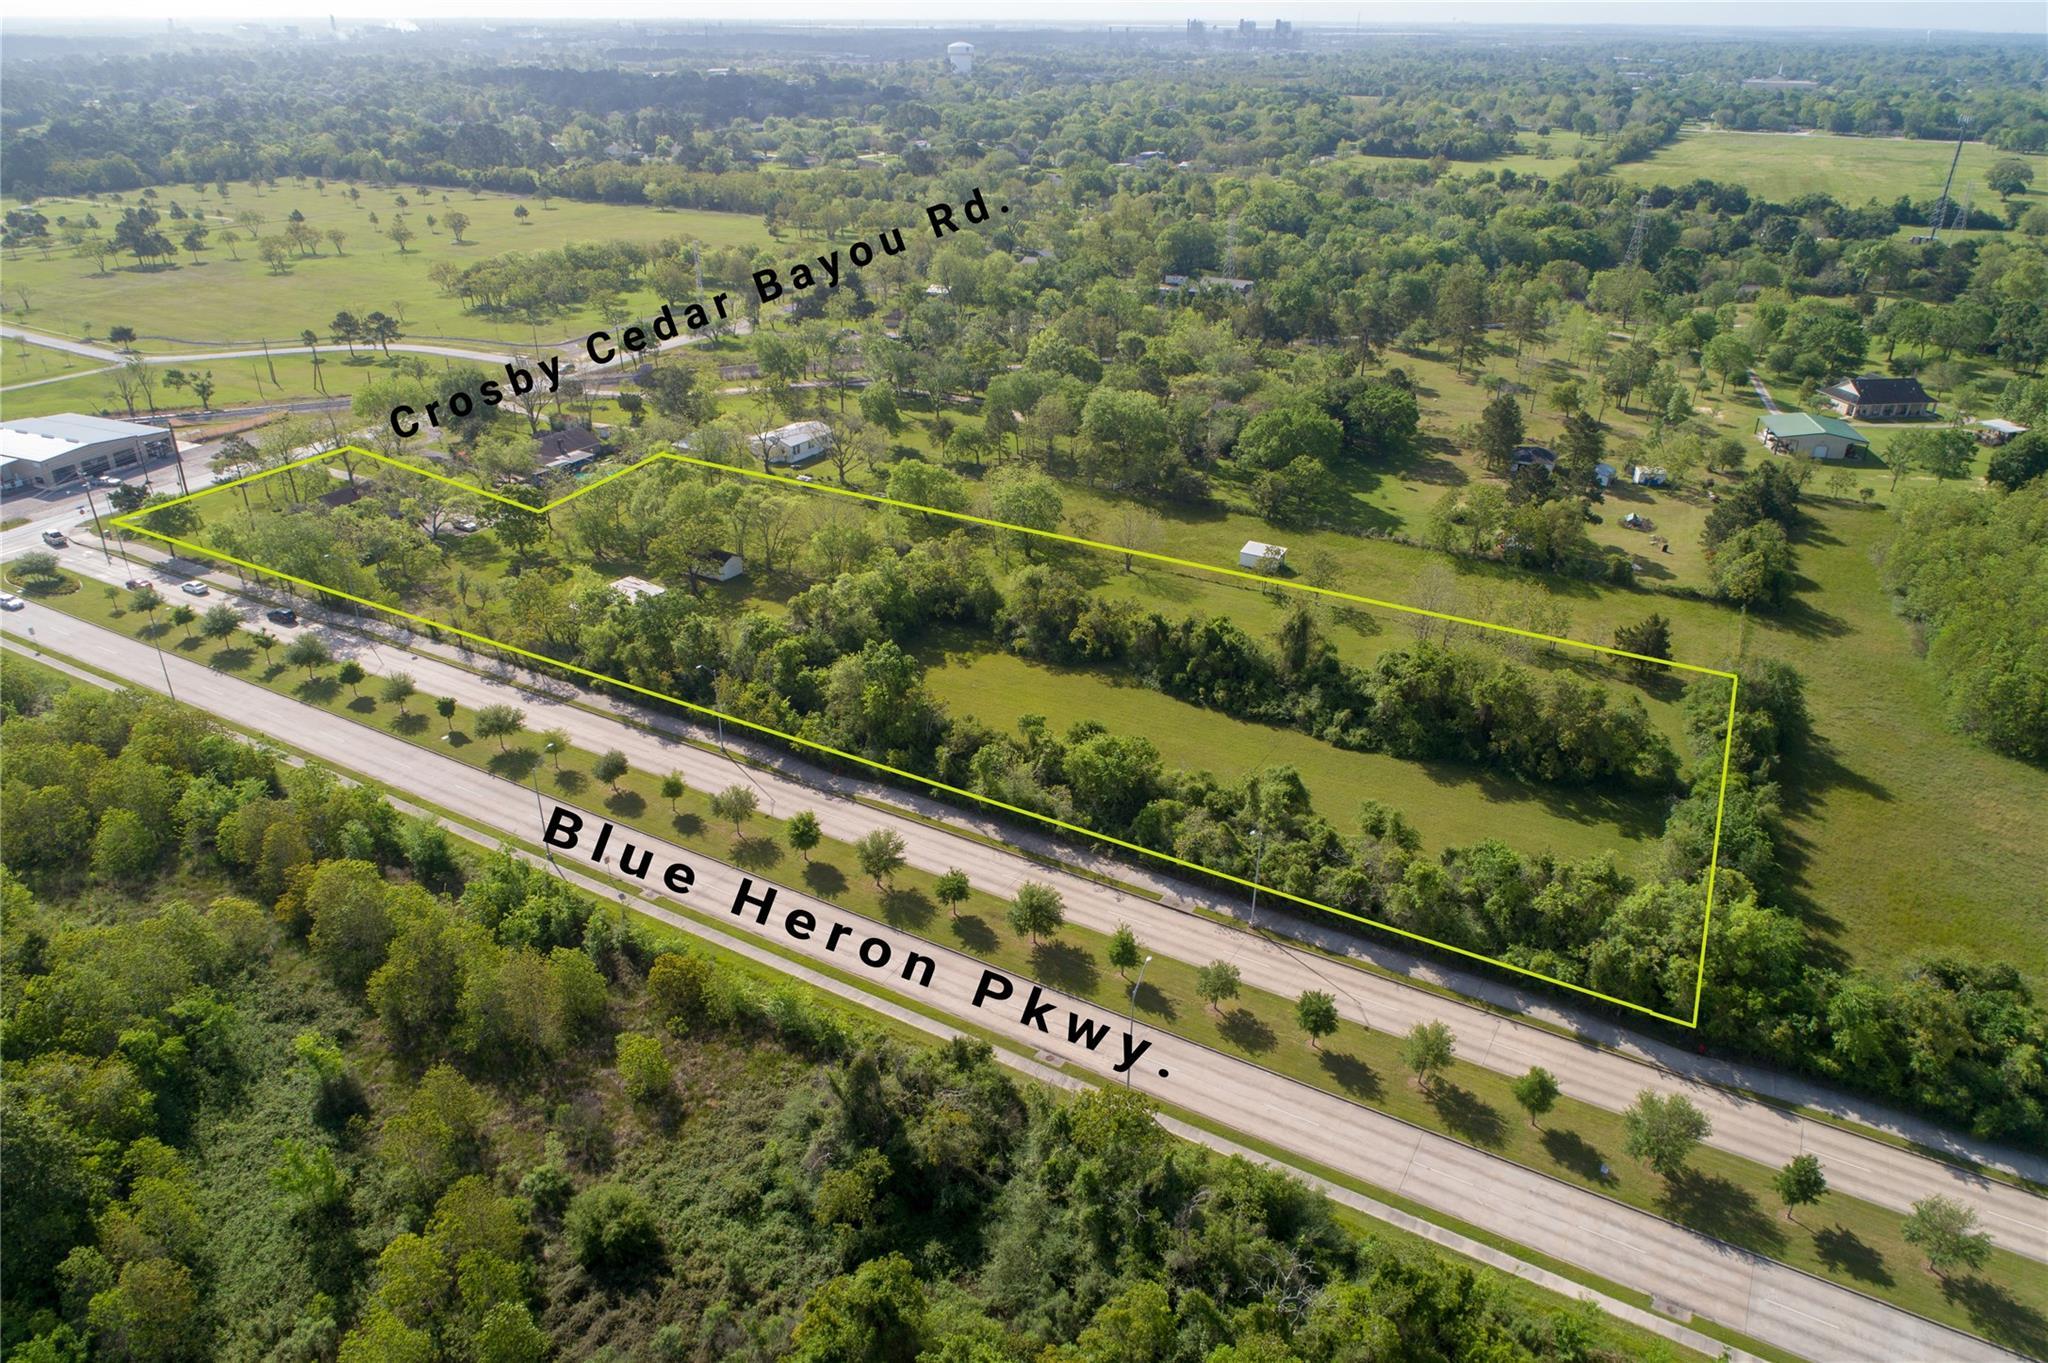 4419 Crosby Cedar Bayou Rd Property Photo - Baytown, TX real estate listing